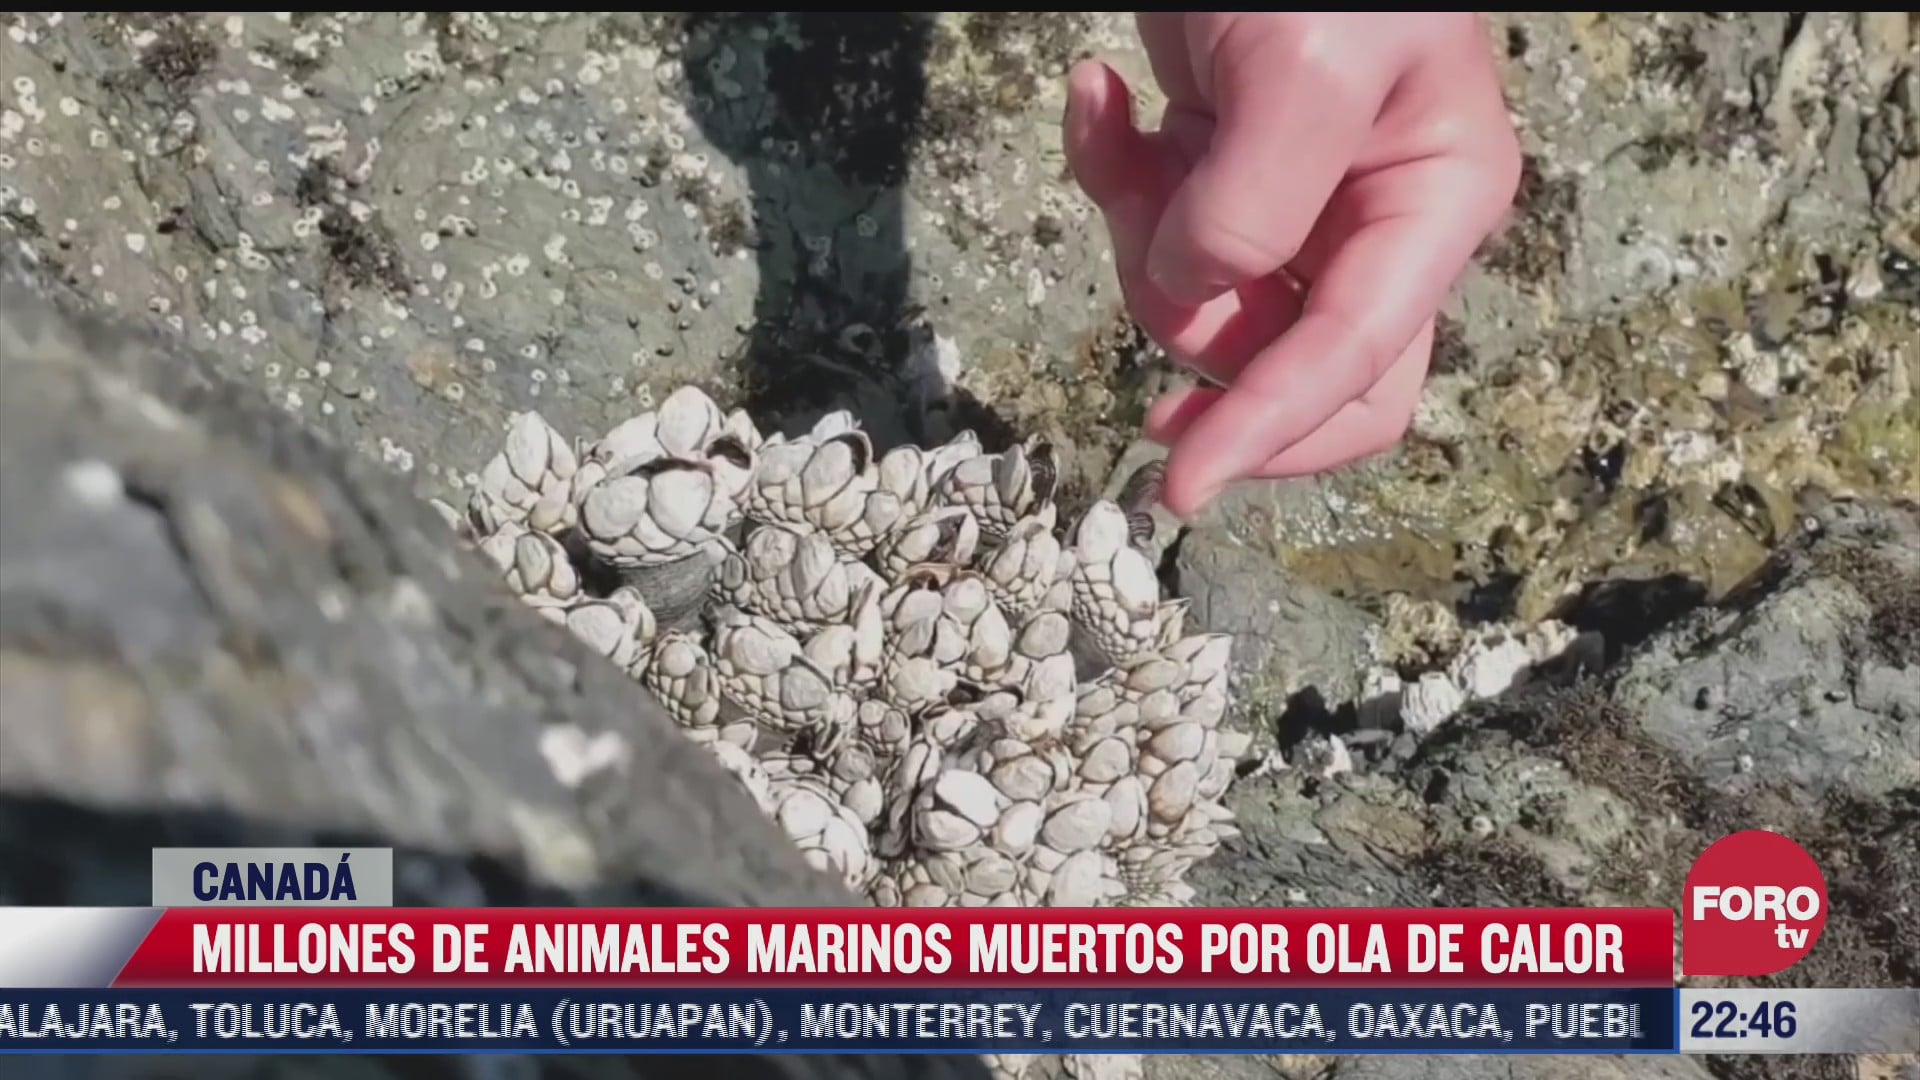 millones de animales marinos muertos por ola de calor en canada